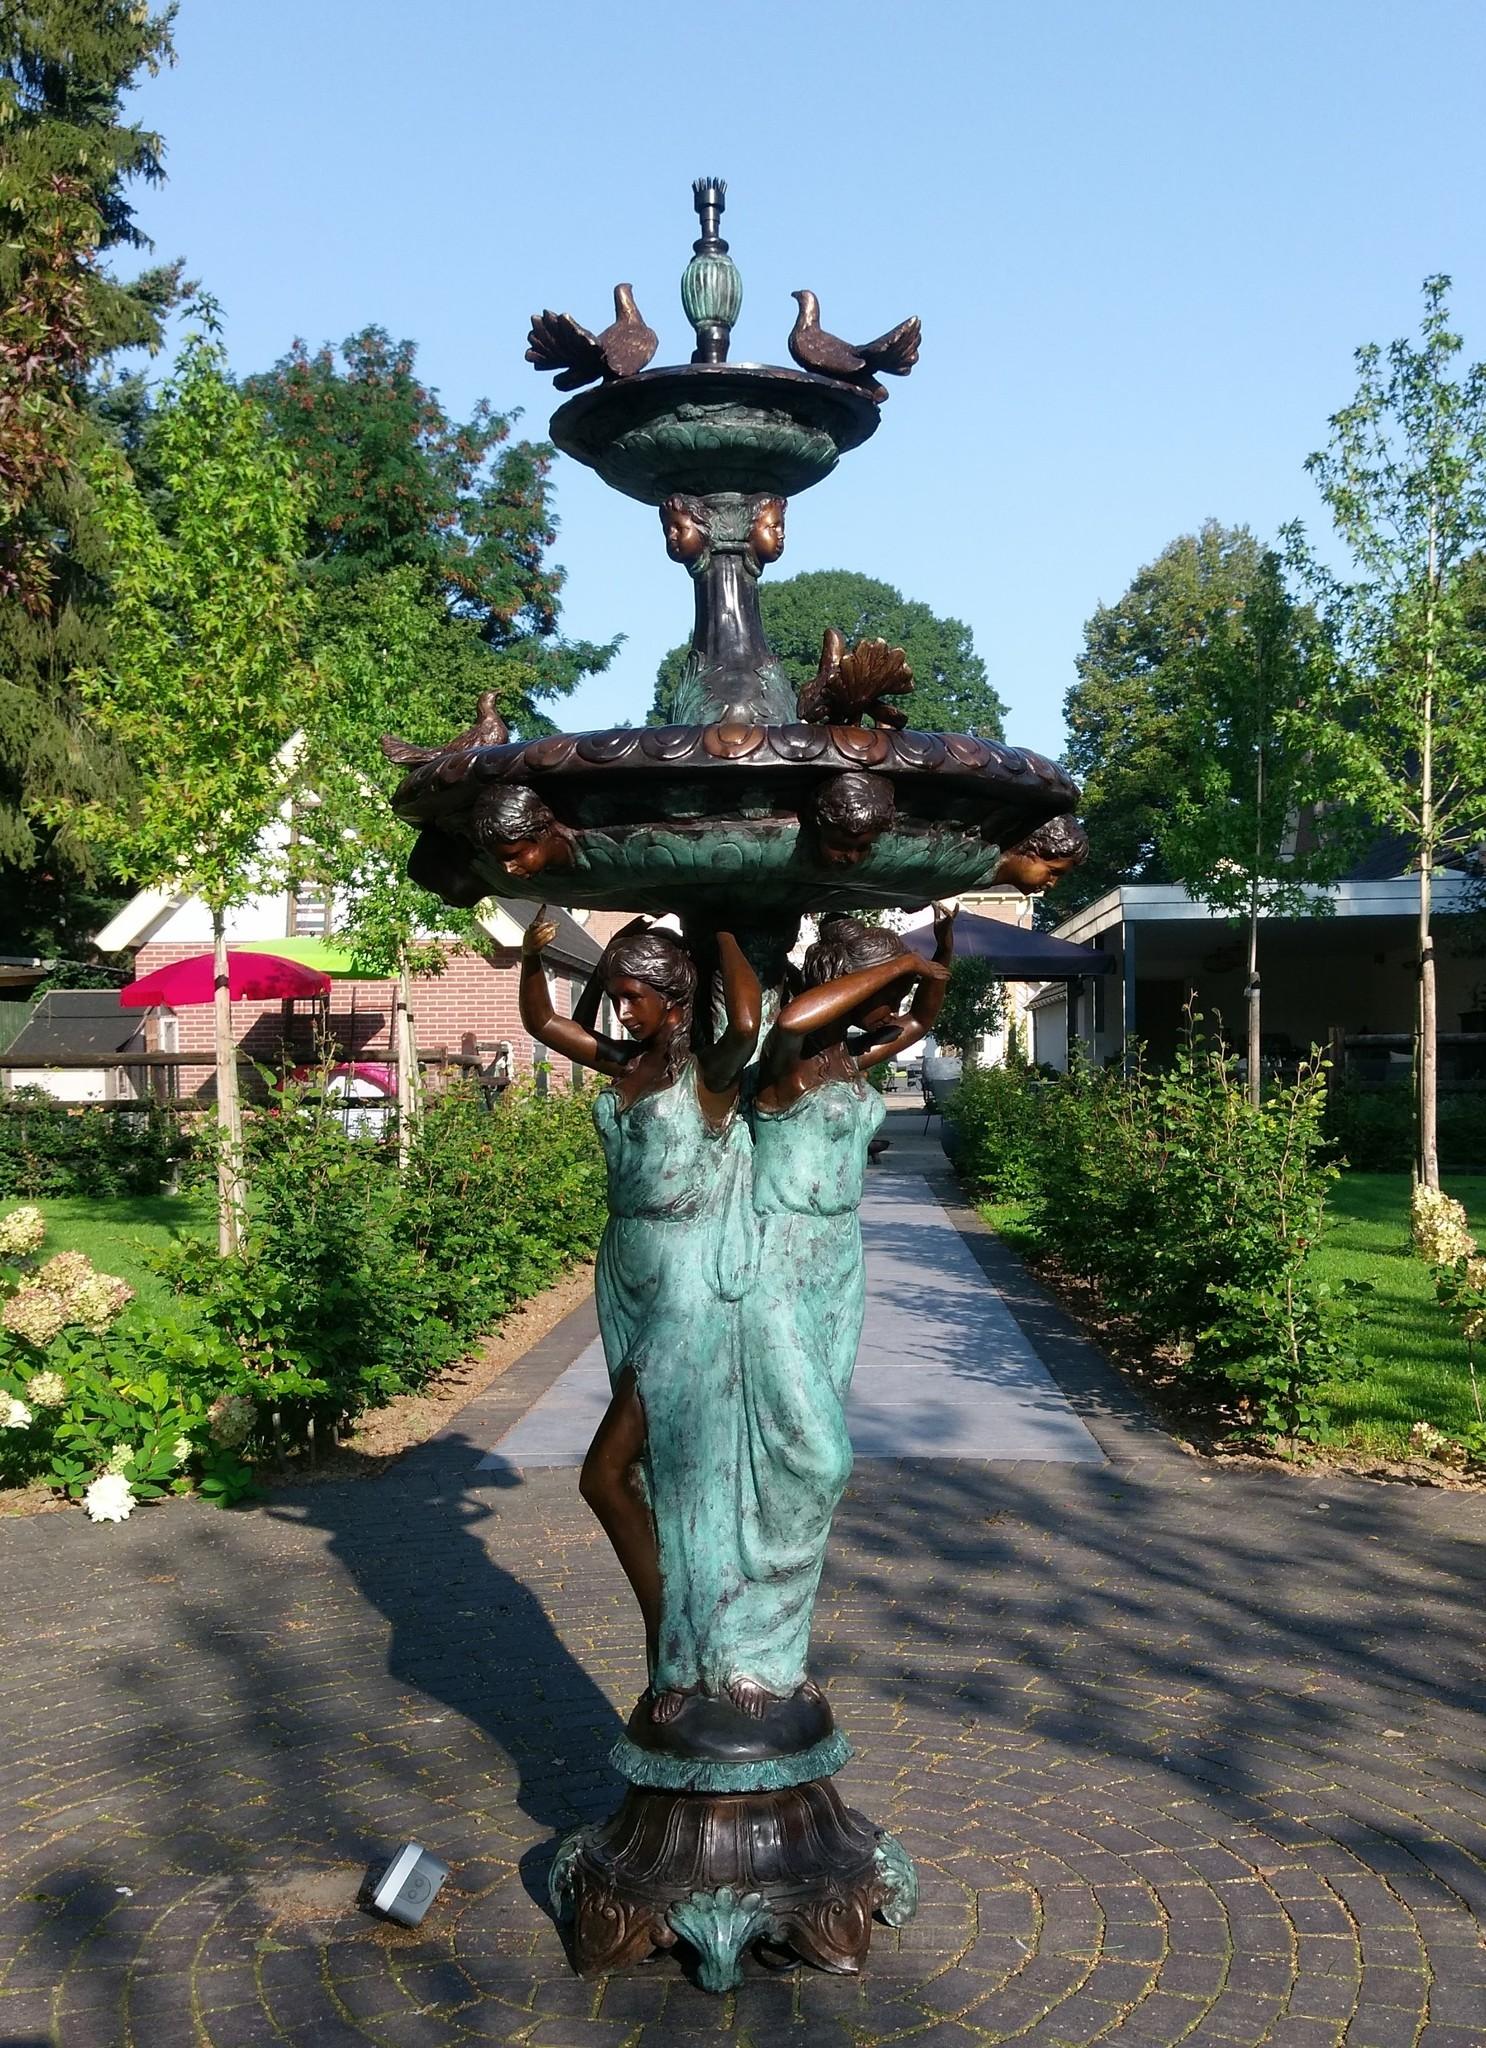 Bronzen Beelden:  3 Vrouwen met vogel fontein-3